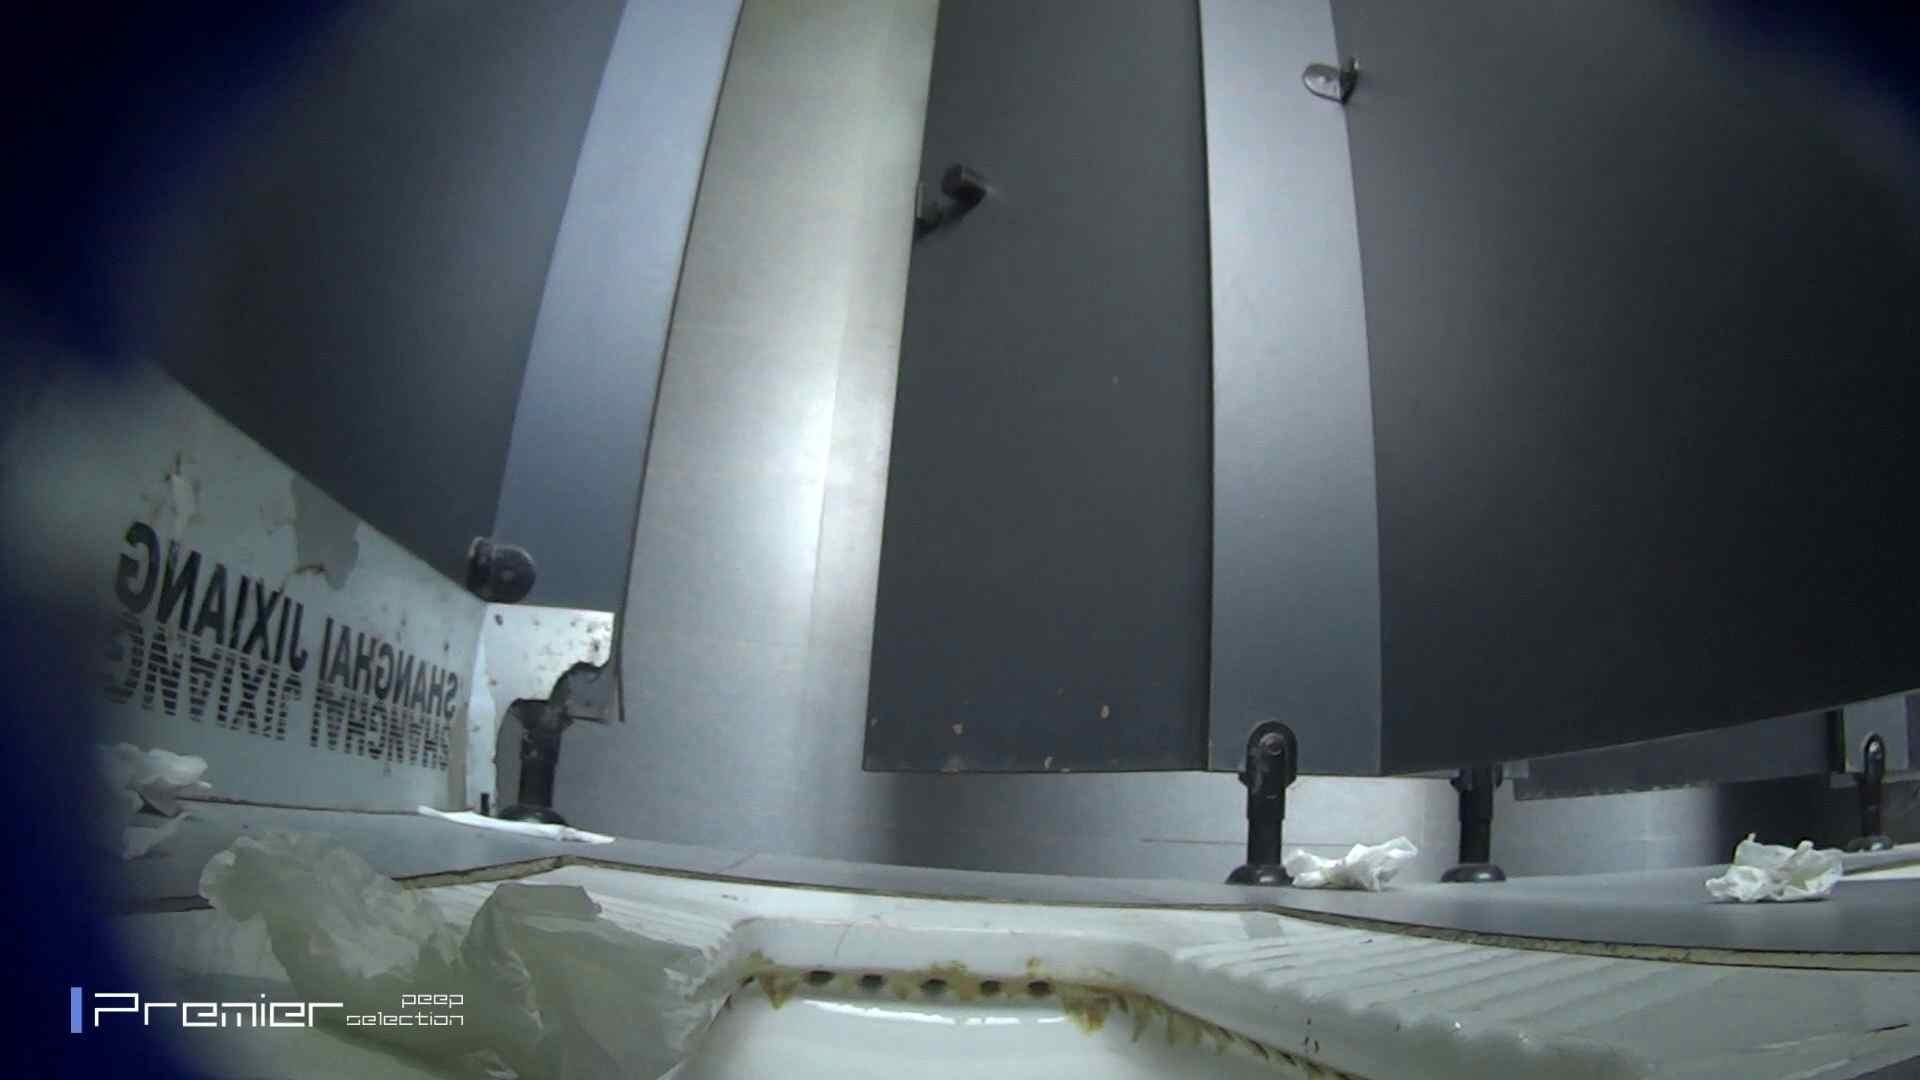 おまんこ丸見え|スキニージーンズの美女 大学休憩時間の洗面所事情56|怪盗ジョーカー